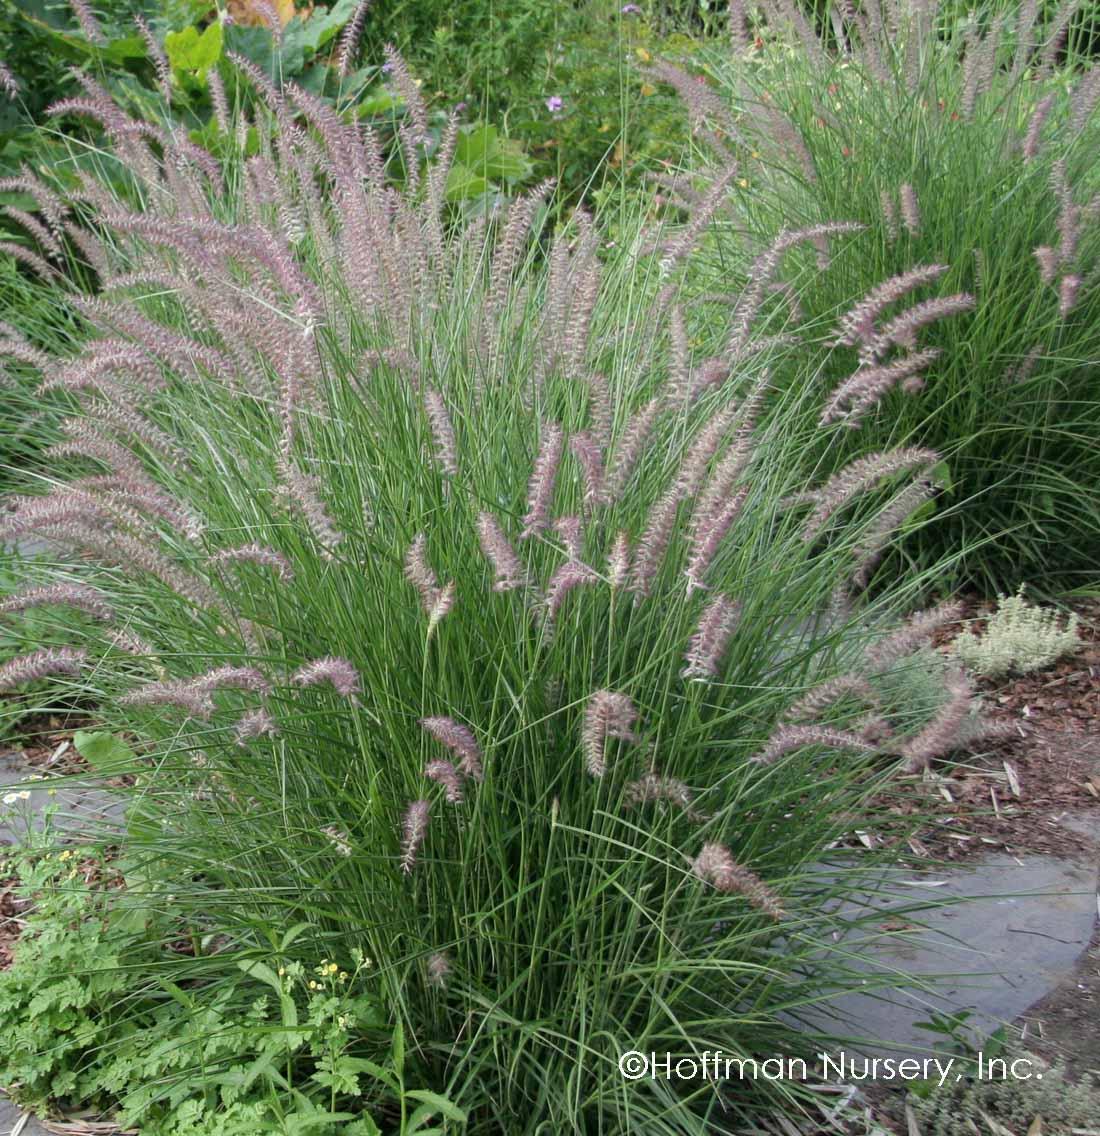 Pennisetum orientale karley rose pp12909 hoffman nursery for Oriental grass